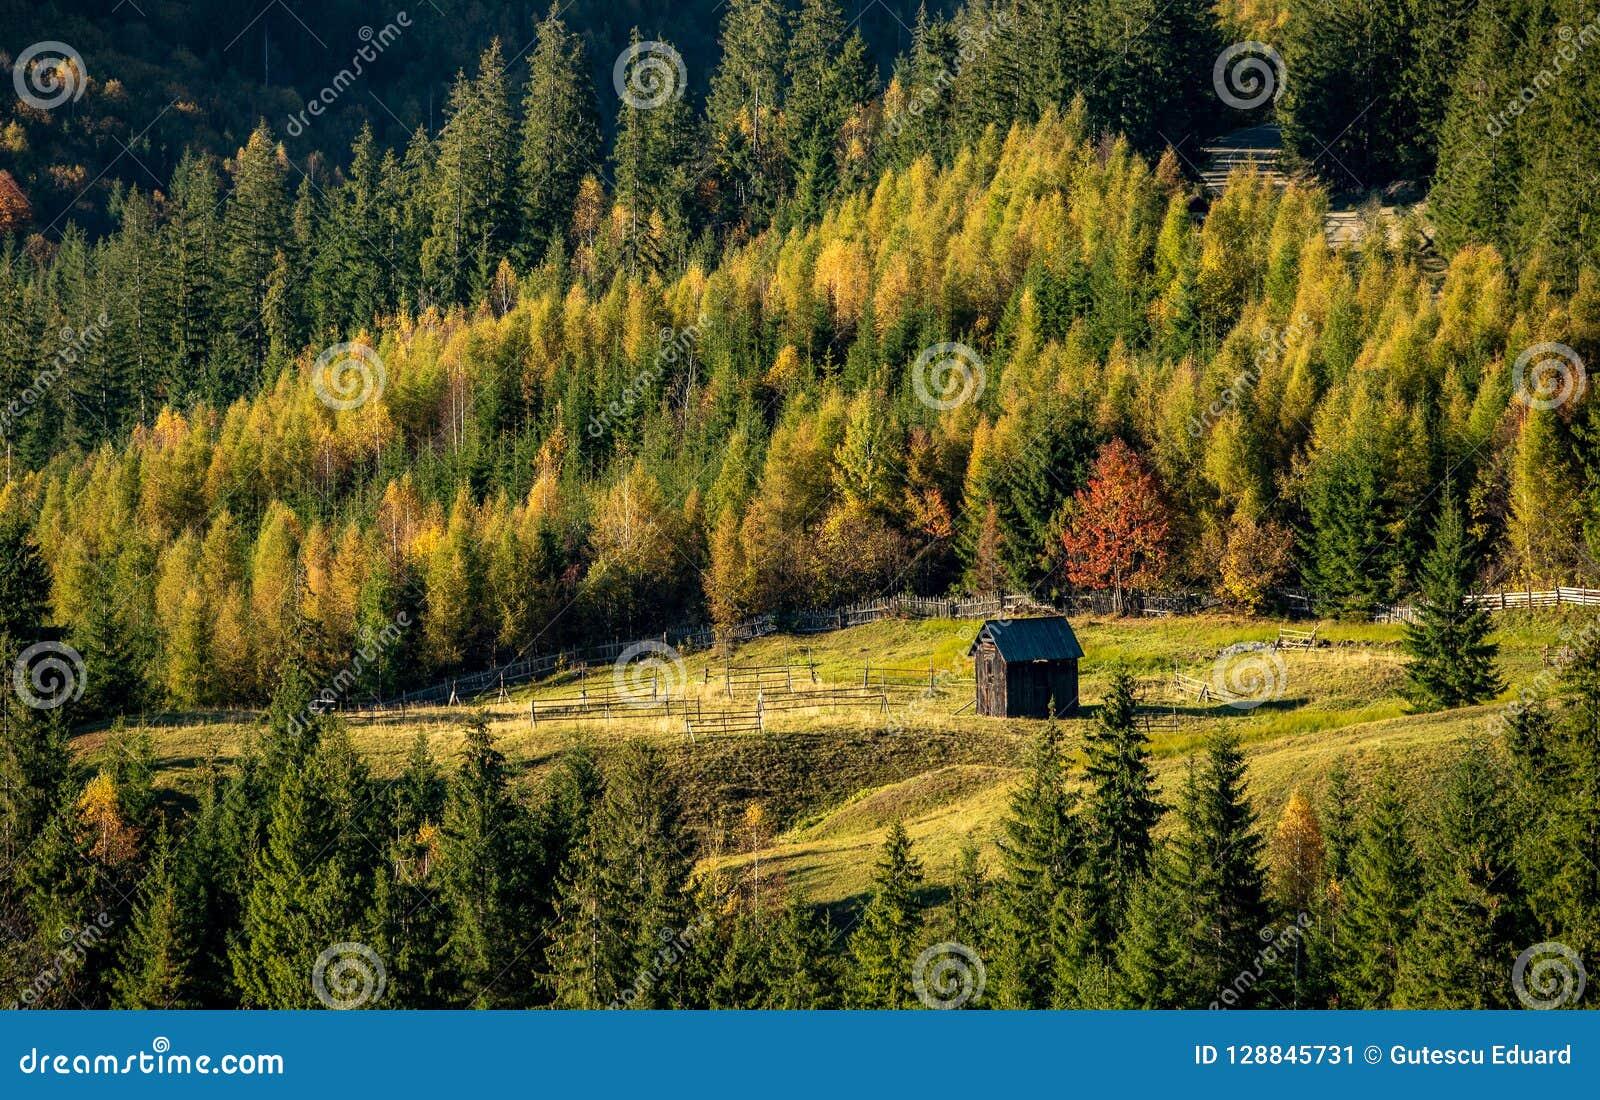 Rumänsk by på bygd med det gamla wood huset och pinjeskogen